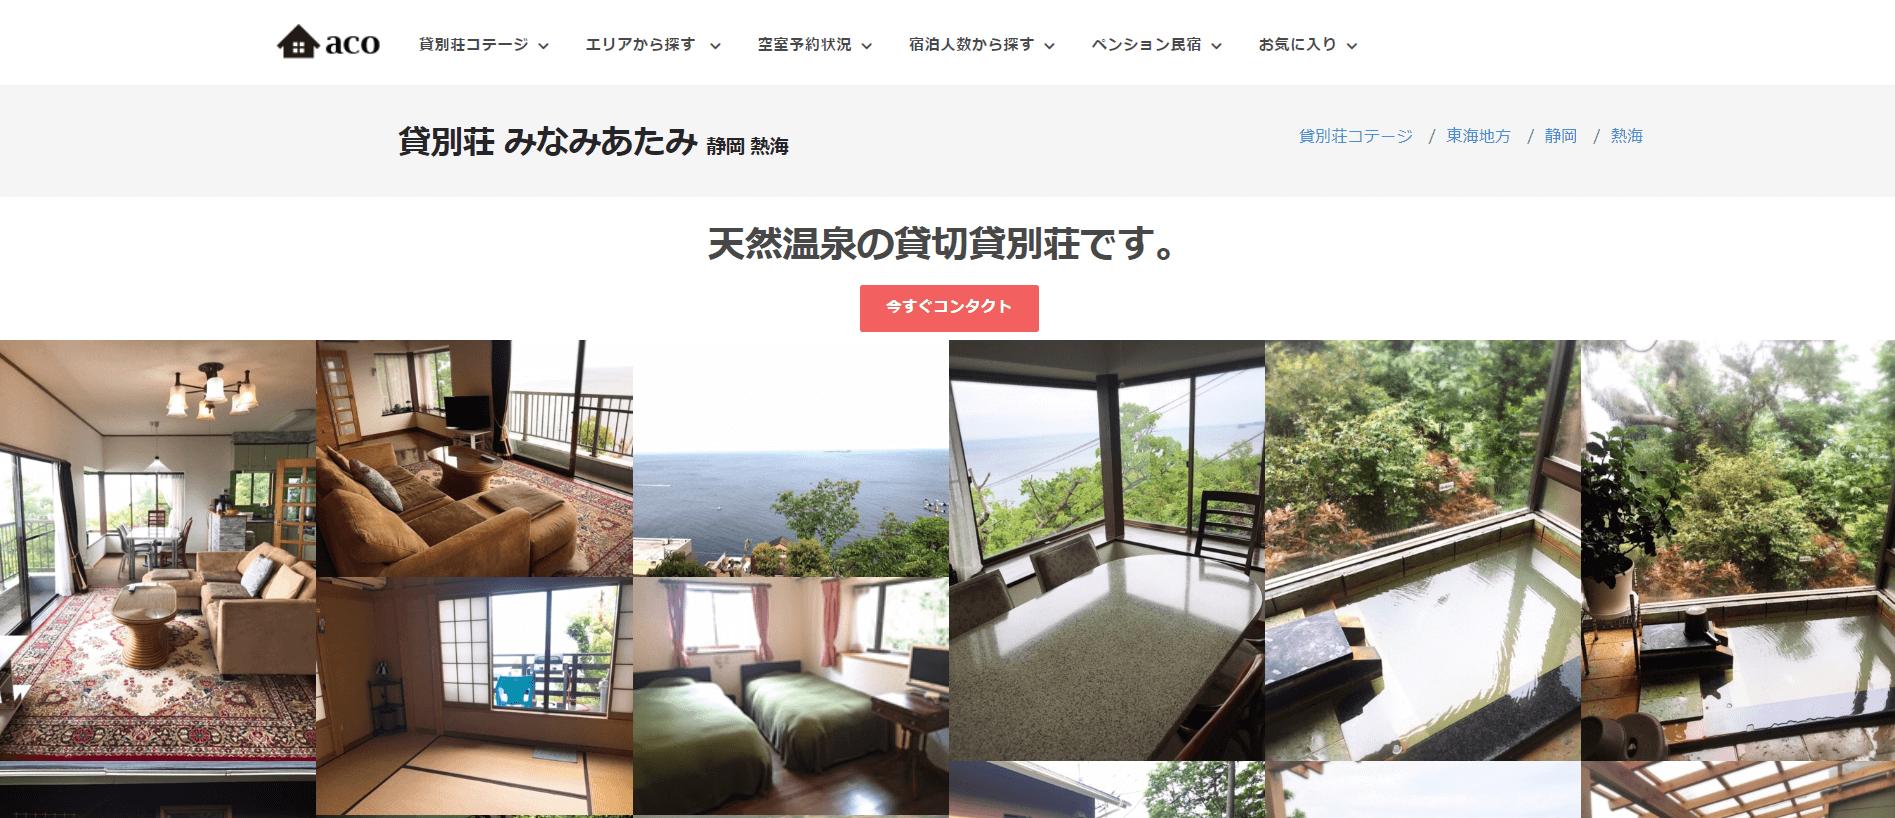 静岡 熱海 貸別荘 みなみあたみの宿泊情報